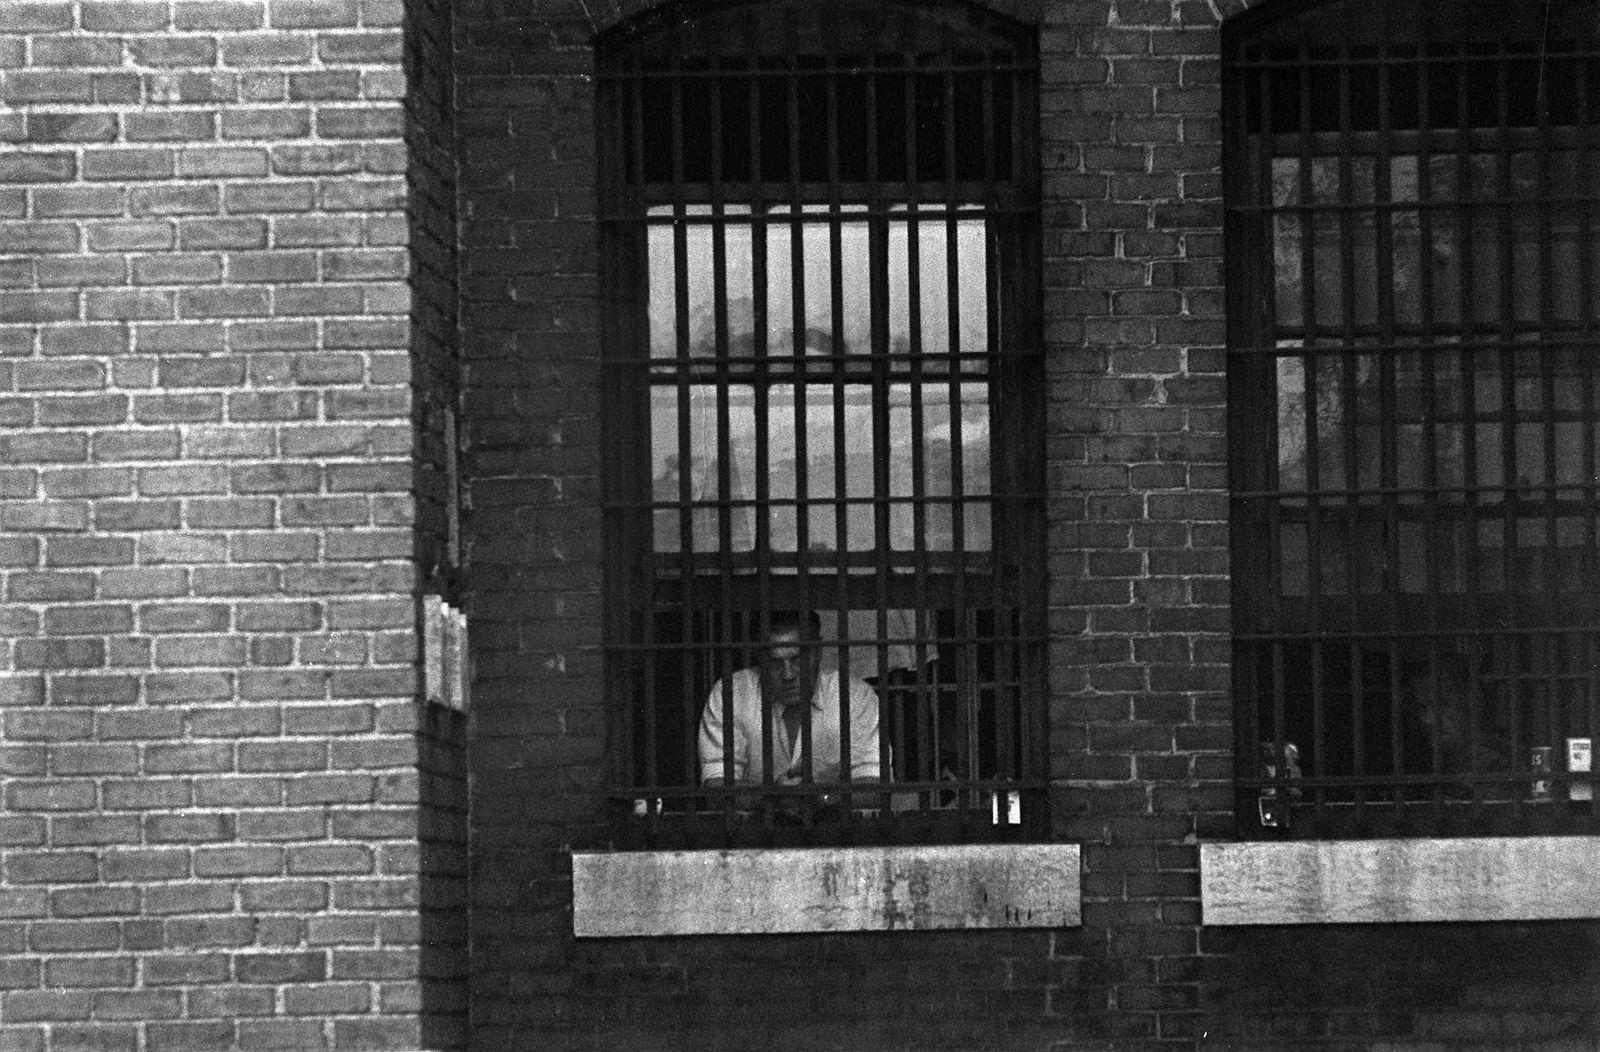 Hoffa in jail